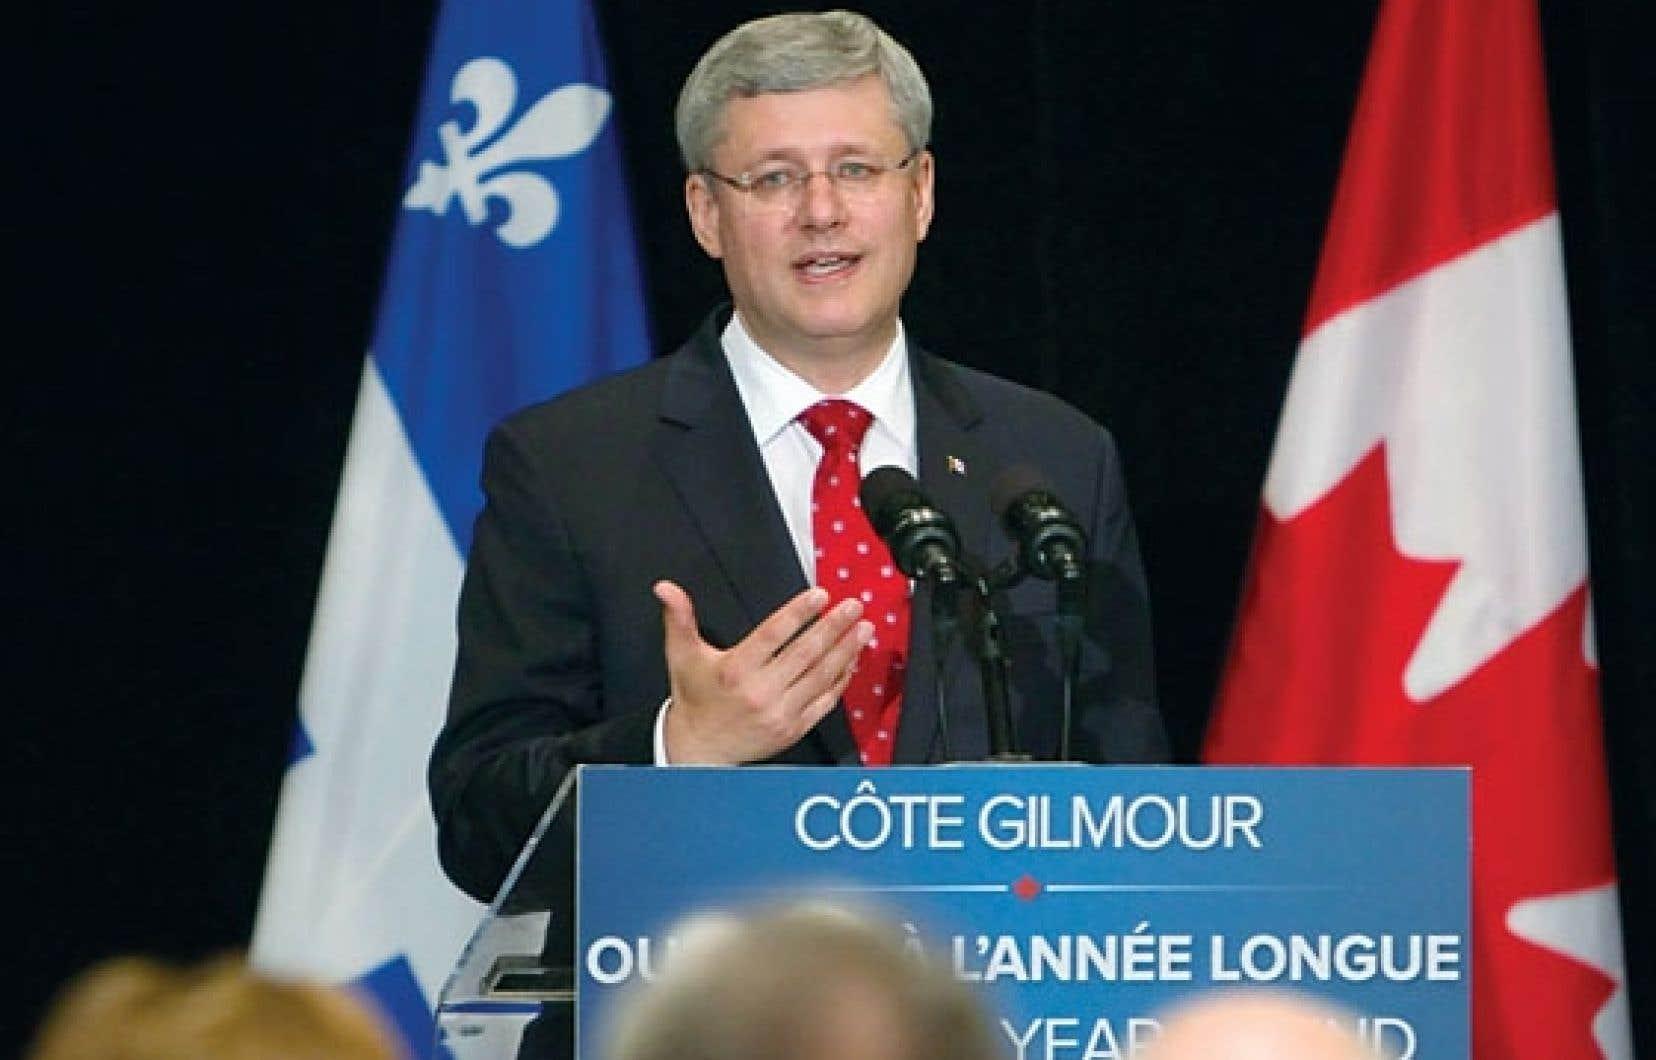 Stephen Harper était de passage à Québec pour annoncer un investissement de 8,2 millions de dollars du fédéral dans un projet de réfection de la côte Gilmour. Il s'agissait de sa quatrième visite dans la région cette année.